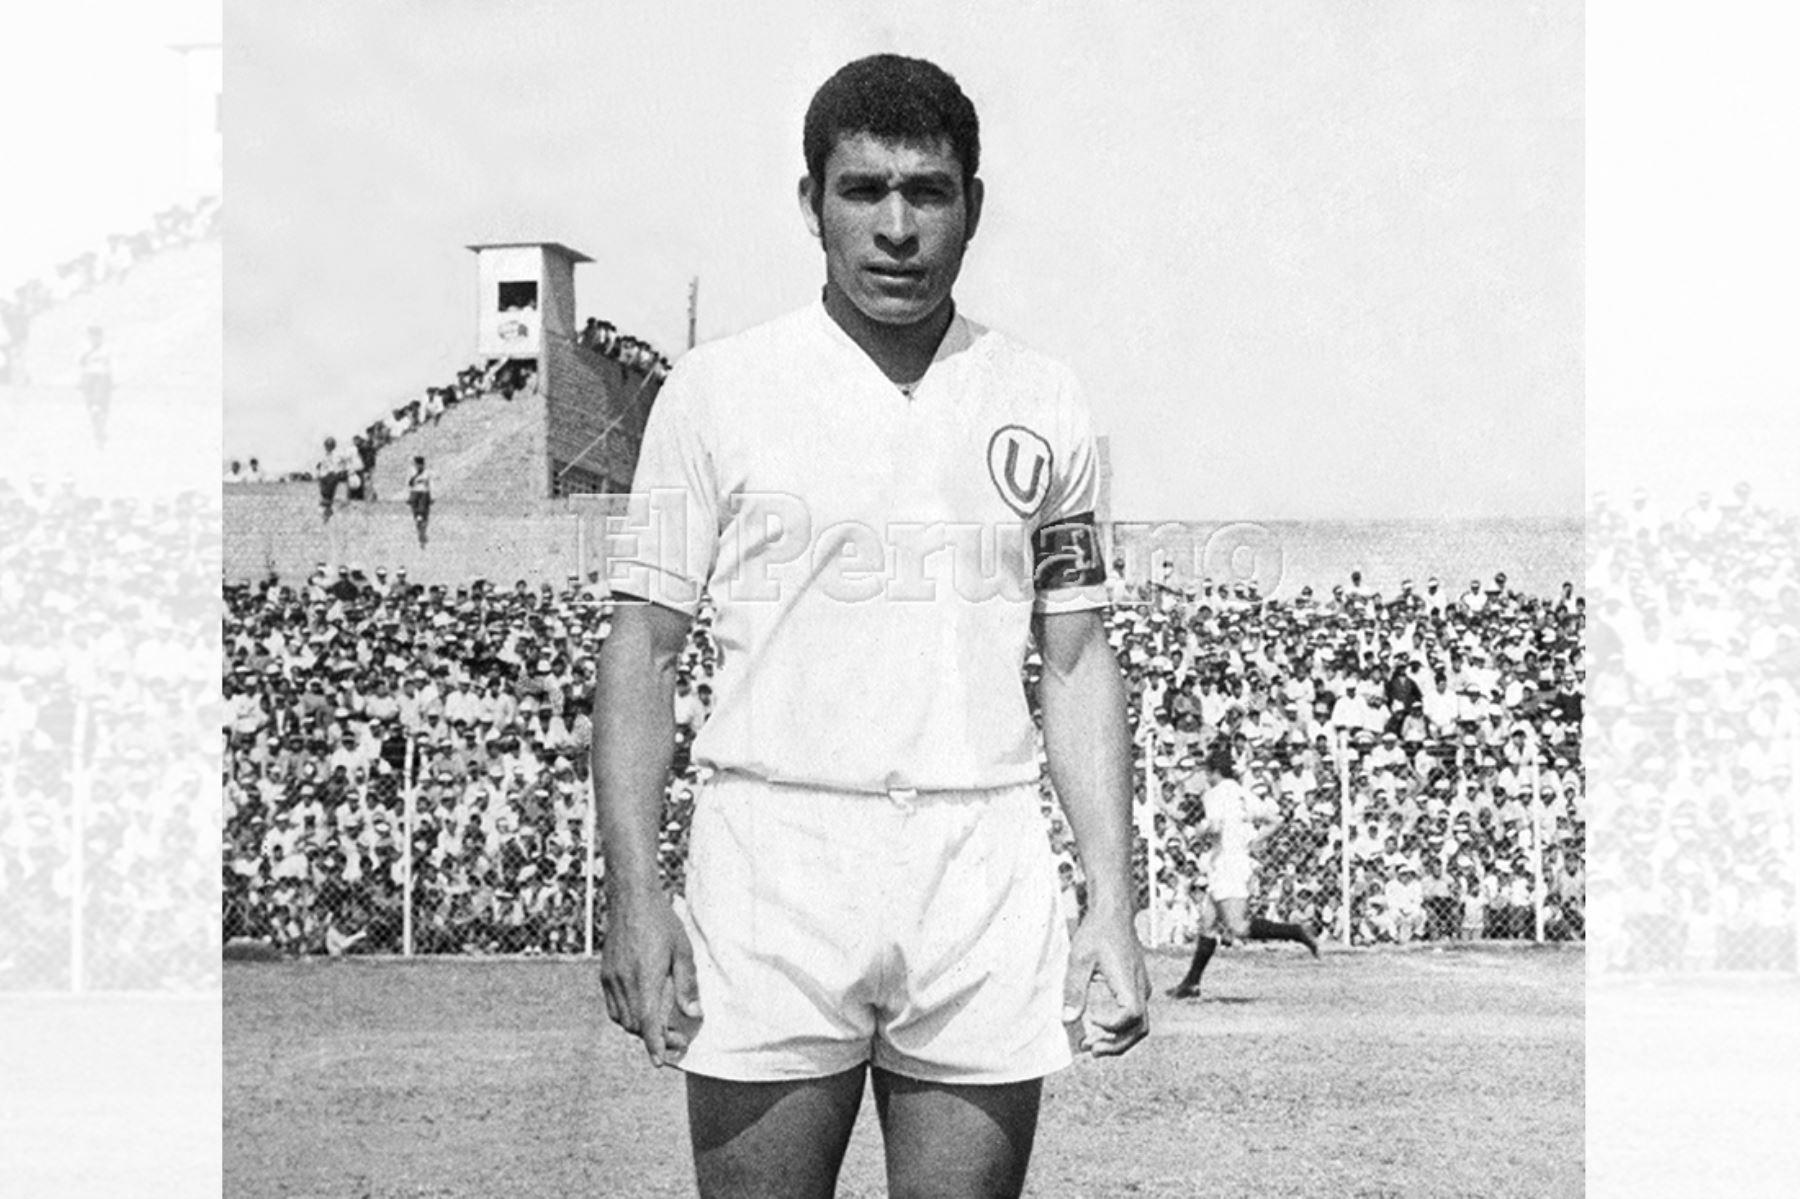 Héctor Chumpitaz capitán de Universitario de Deportes en 1972. Foto: Archivo Histórico de EL PERUANO